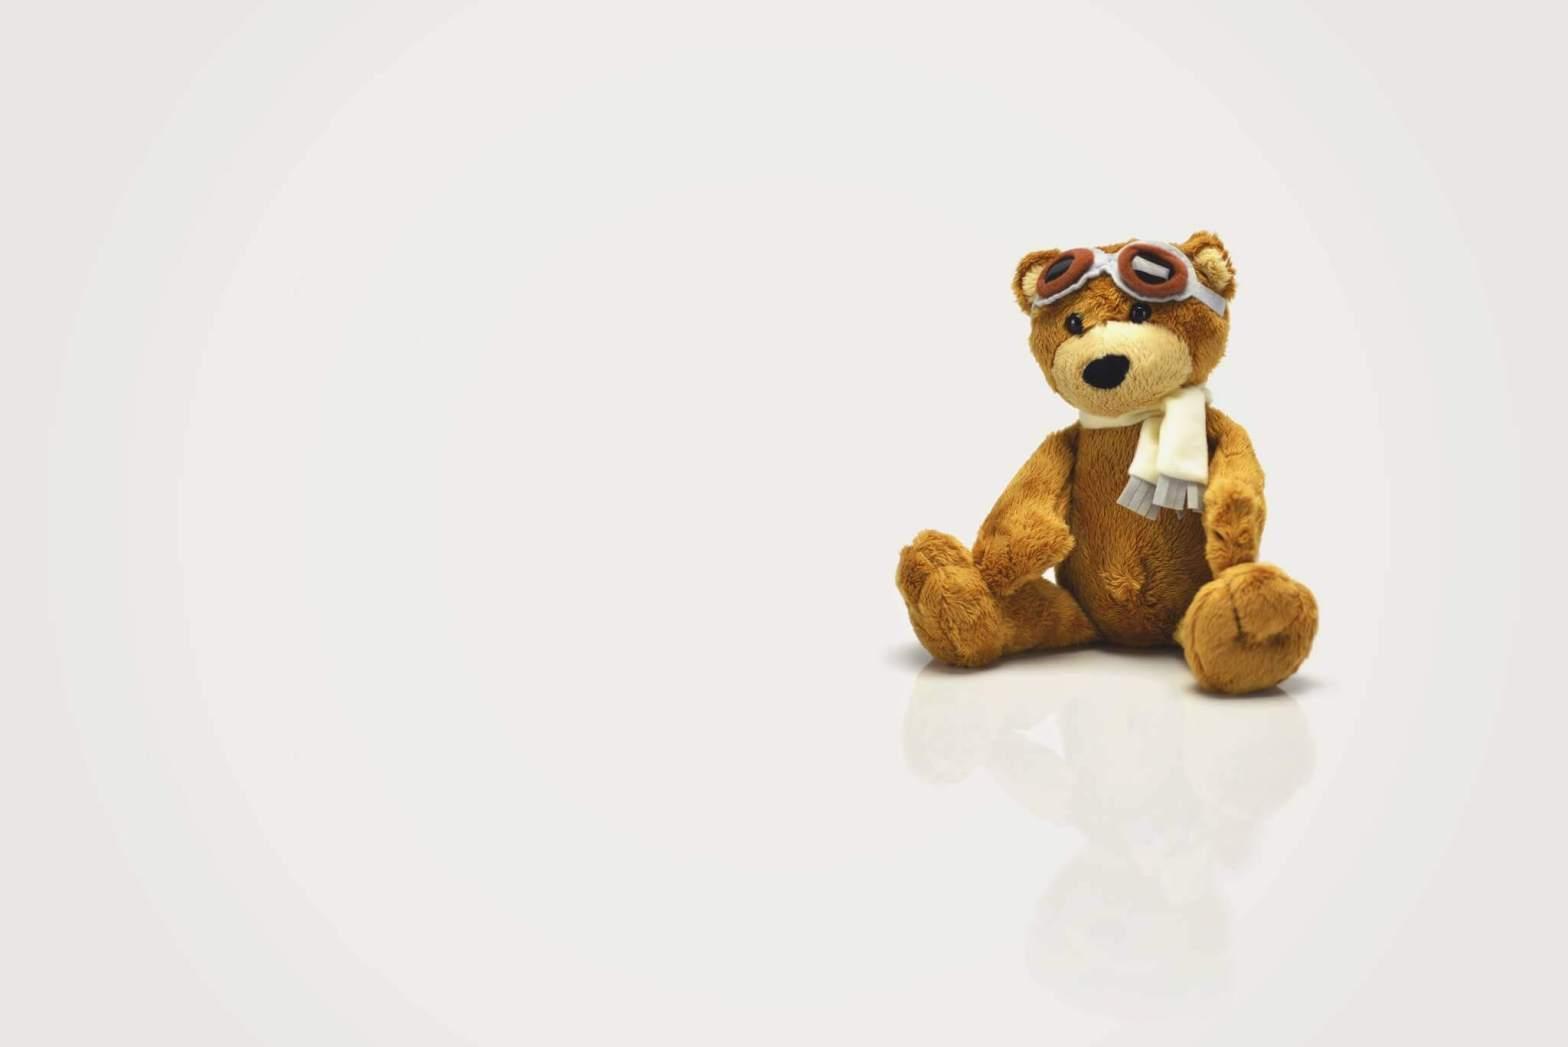 voyager avec bébé, voyage, bébé, enfant, ours, peluche, avion, aviateur